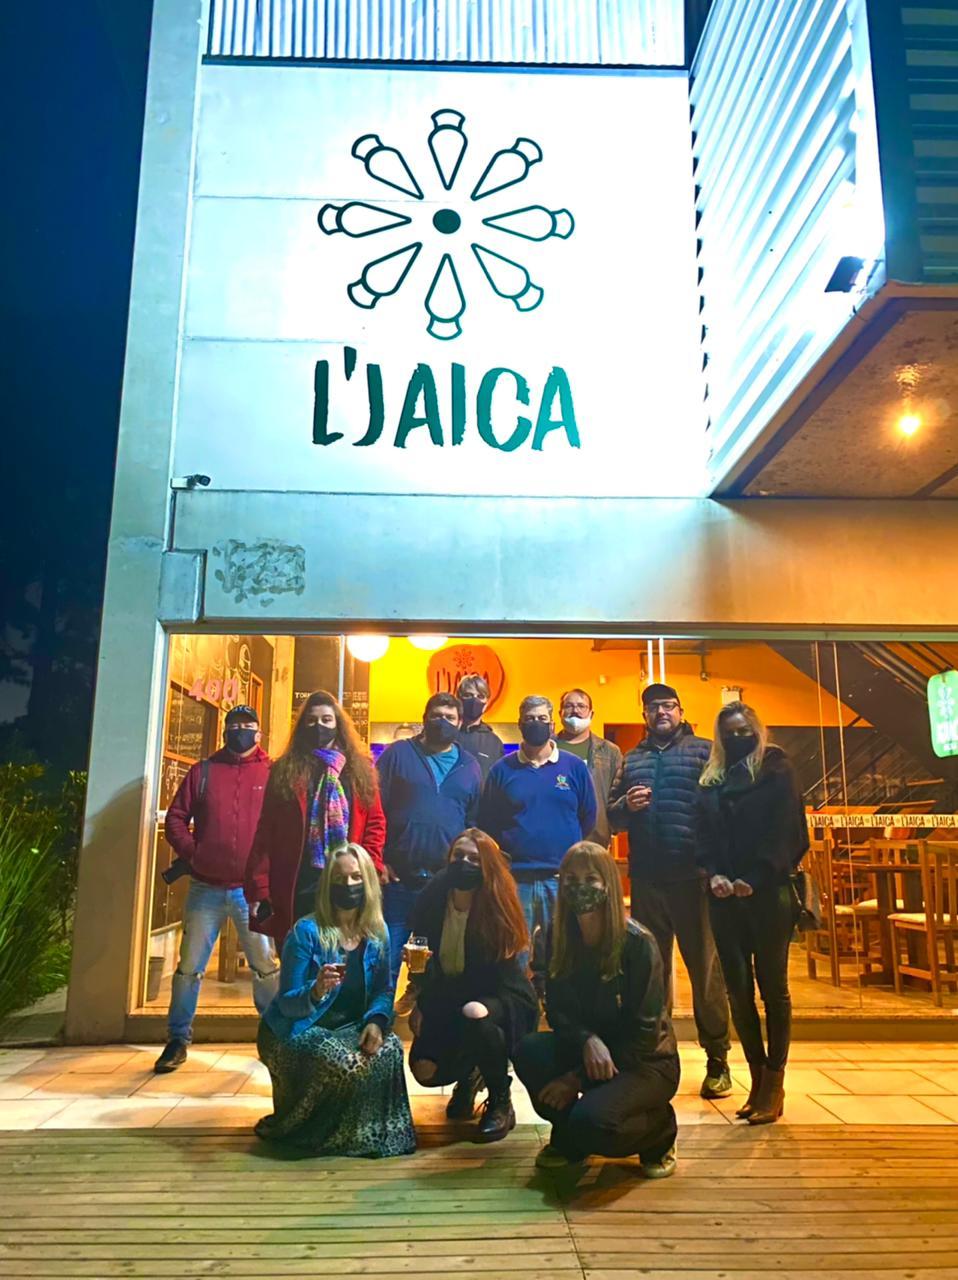 Galeria 11 - Notícia Lages Turismo Bus Bier: Conhecendo a Rota da Cerveja na Serra Catarinense